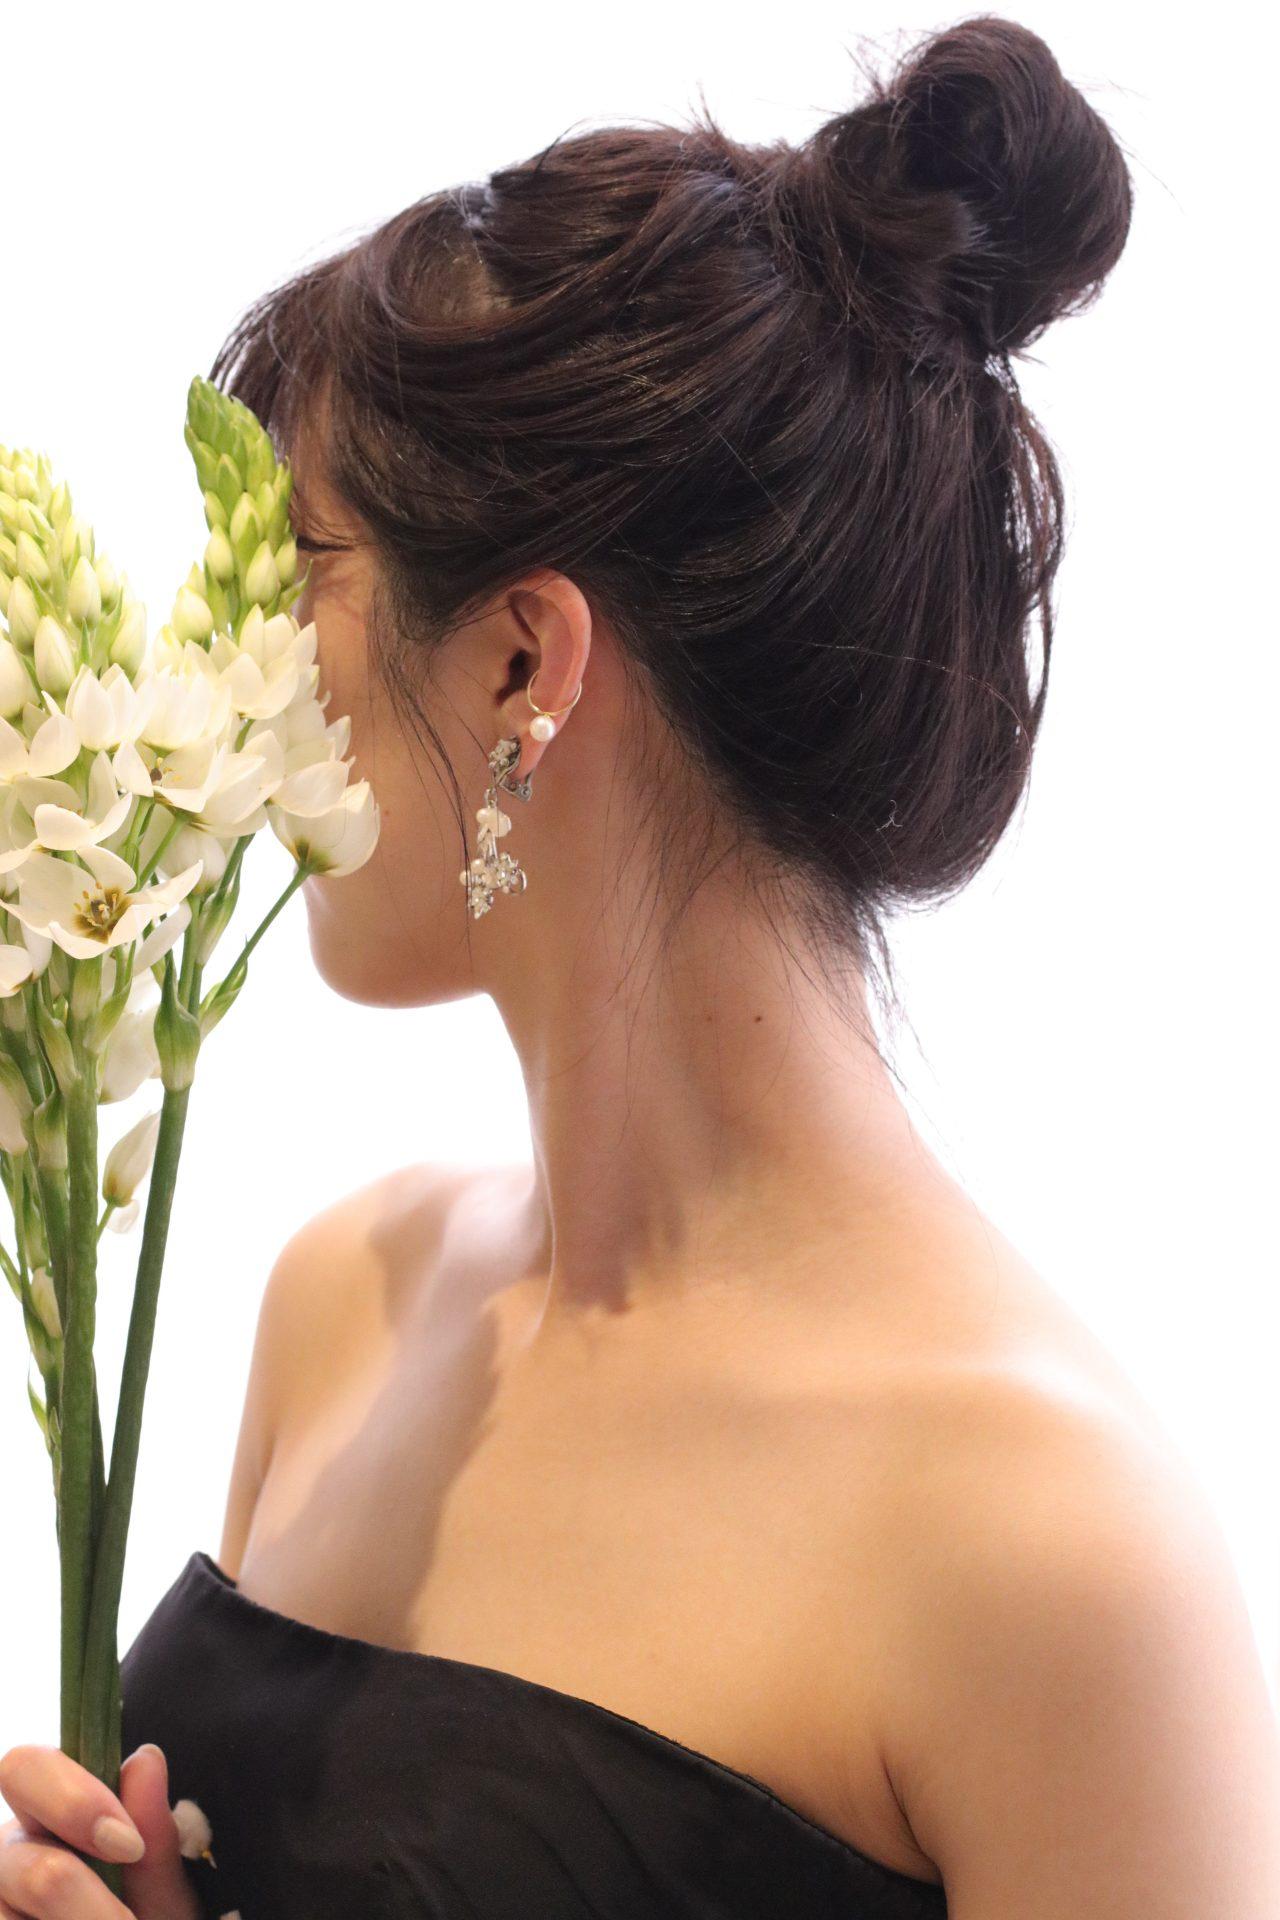 お団子ヘアと華奢なイヤーカフ、マリア・エレナの揺れるイヤリングで合わせたコーディネートは、明るい印象と華やかな雰囲気をアップするので、お洒落な花嫁様におすすめしたい披露宴スタイルです